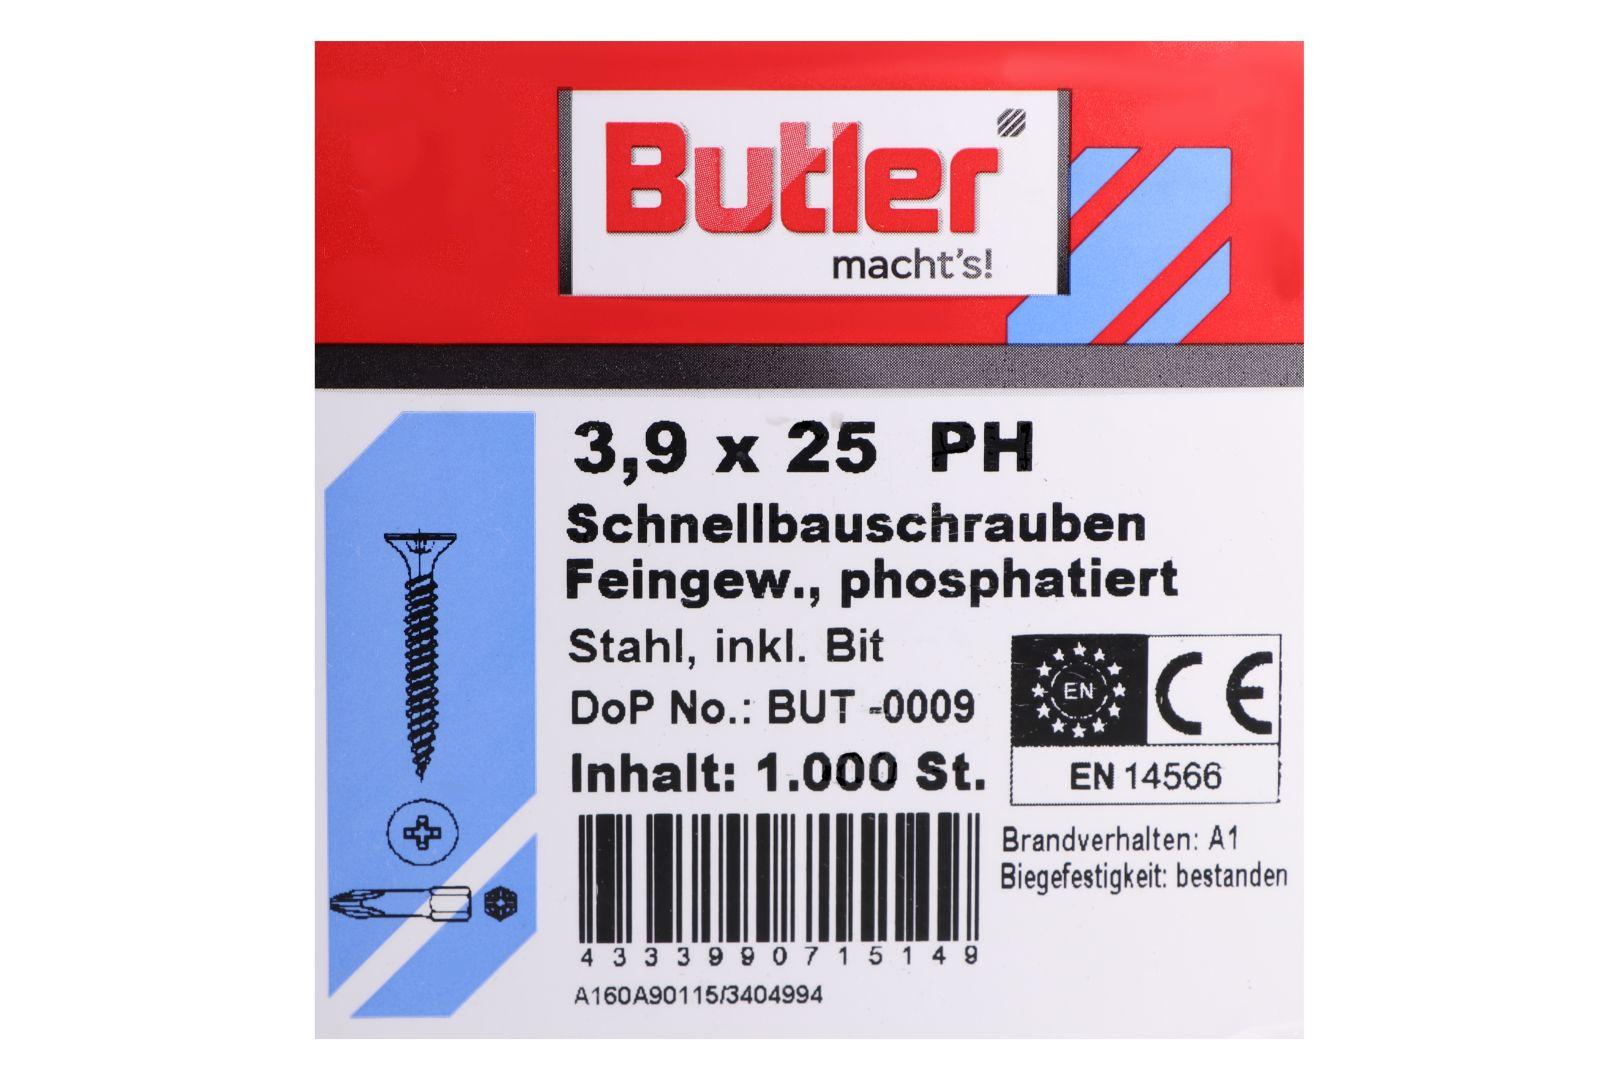 Butler macht's! Schnellbauschrauben inkl. Bit für Gipsplatten auf Metall bis 0,6 mm, Feingewinde, PH2, 3,9 x 25 mm, 1.000 Stück